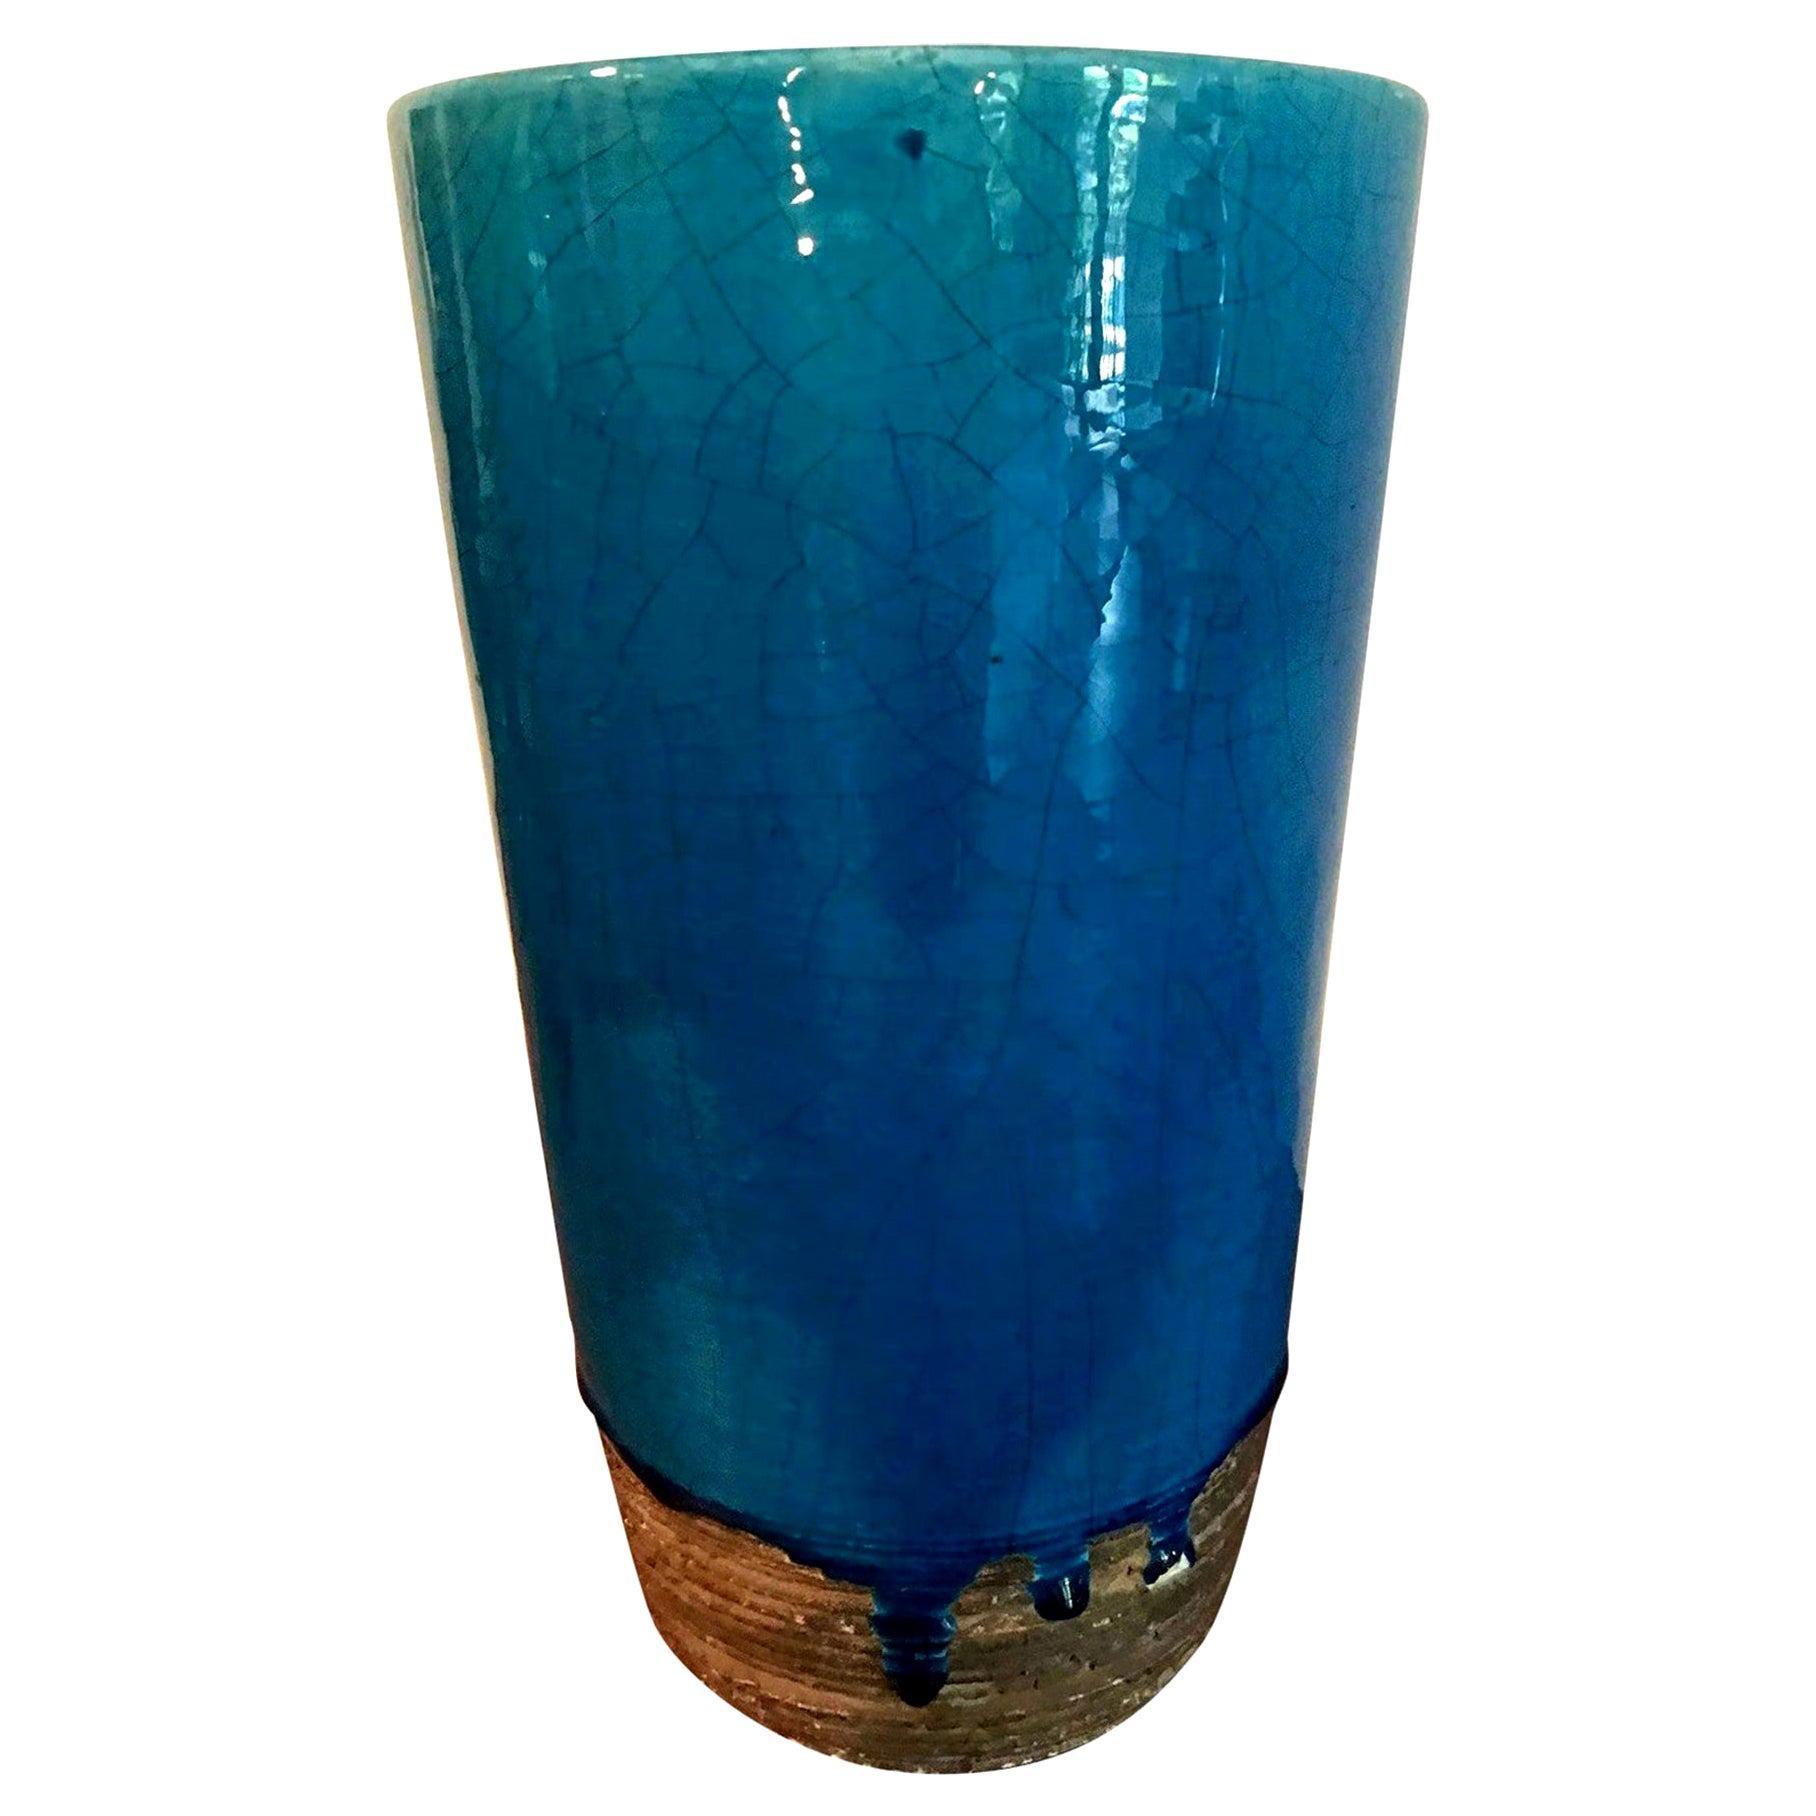 Laura Andreson Large Signed Glazed Mid-Century Modern Ceramic Pottery Vase, 1940